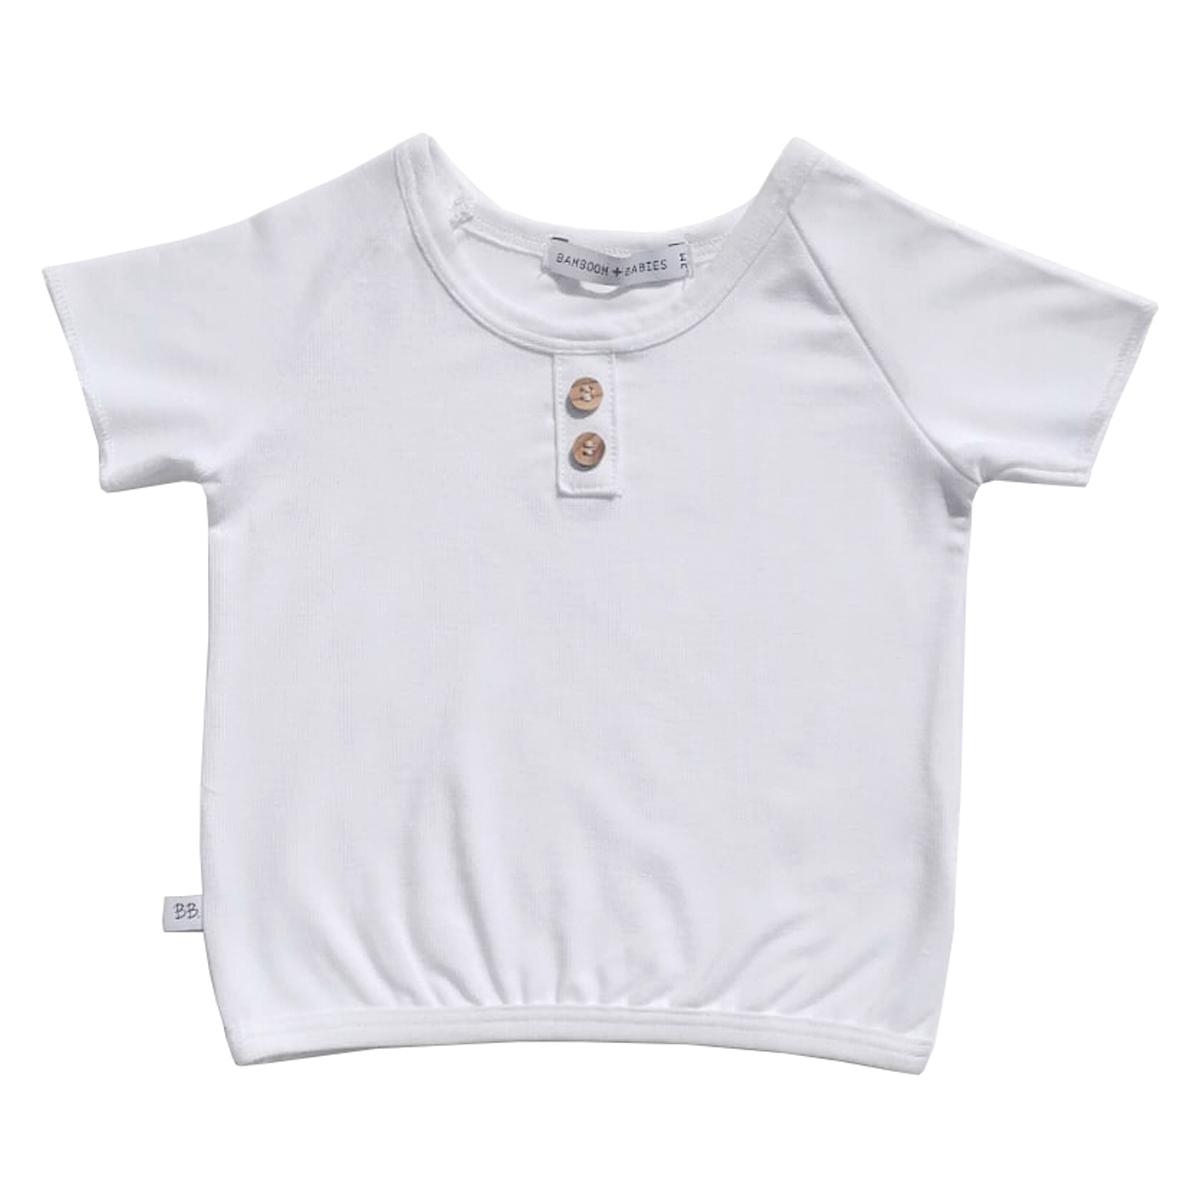 Haut bébé Tee-Shirt Blanc - 6 Mois